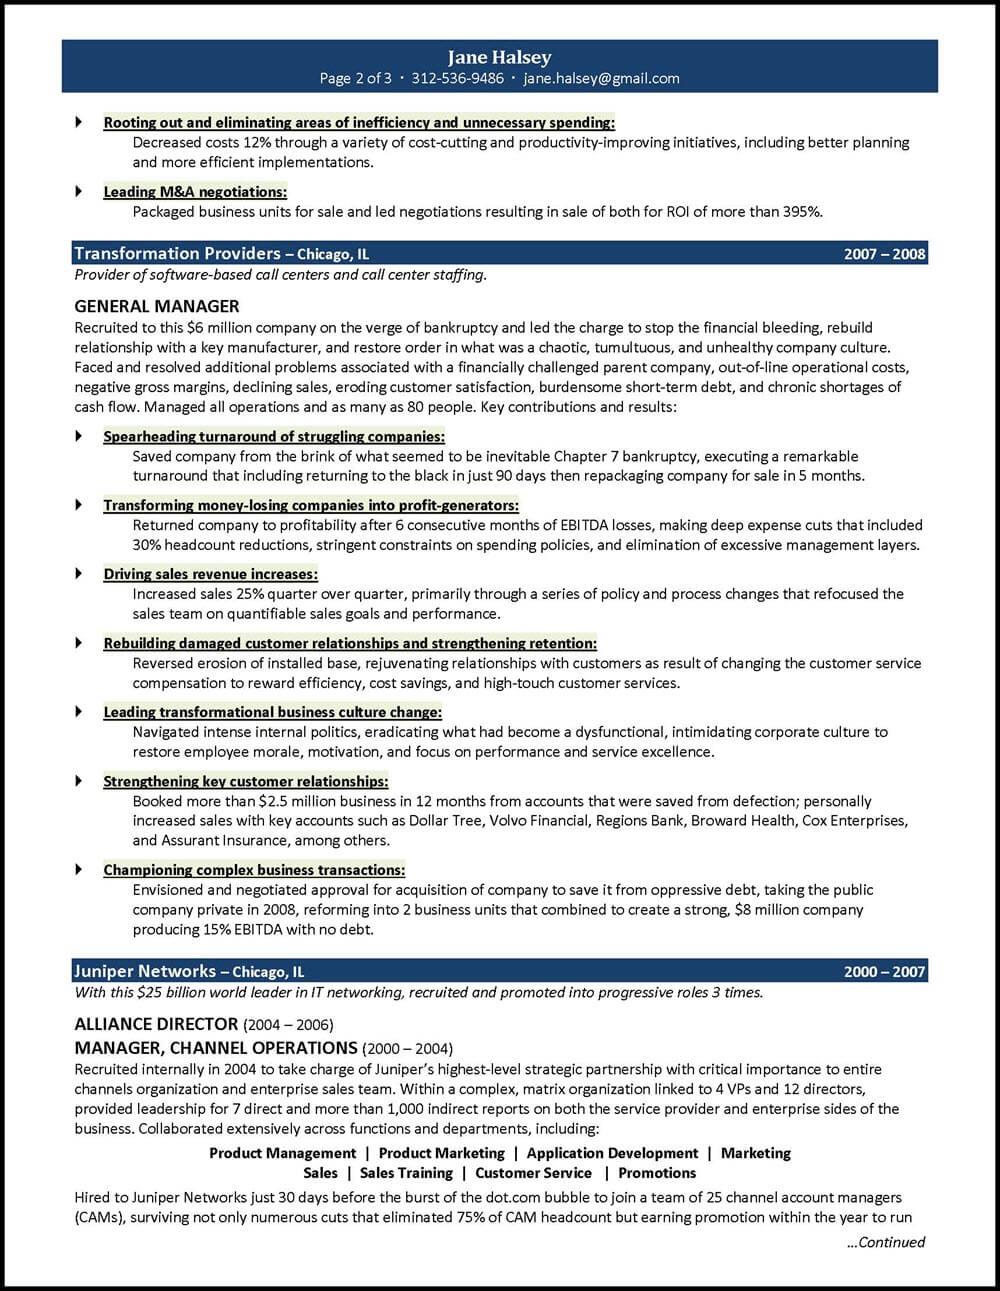 resume samples general manager